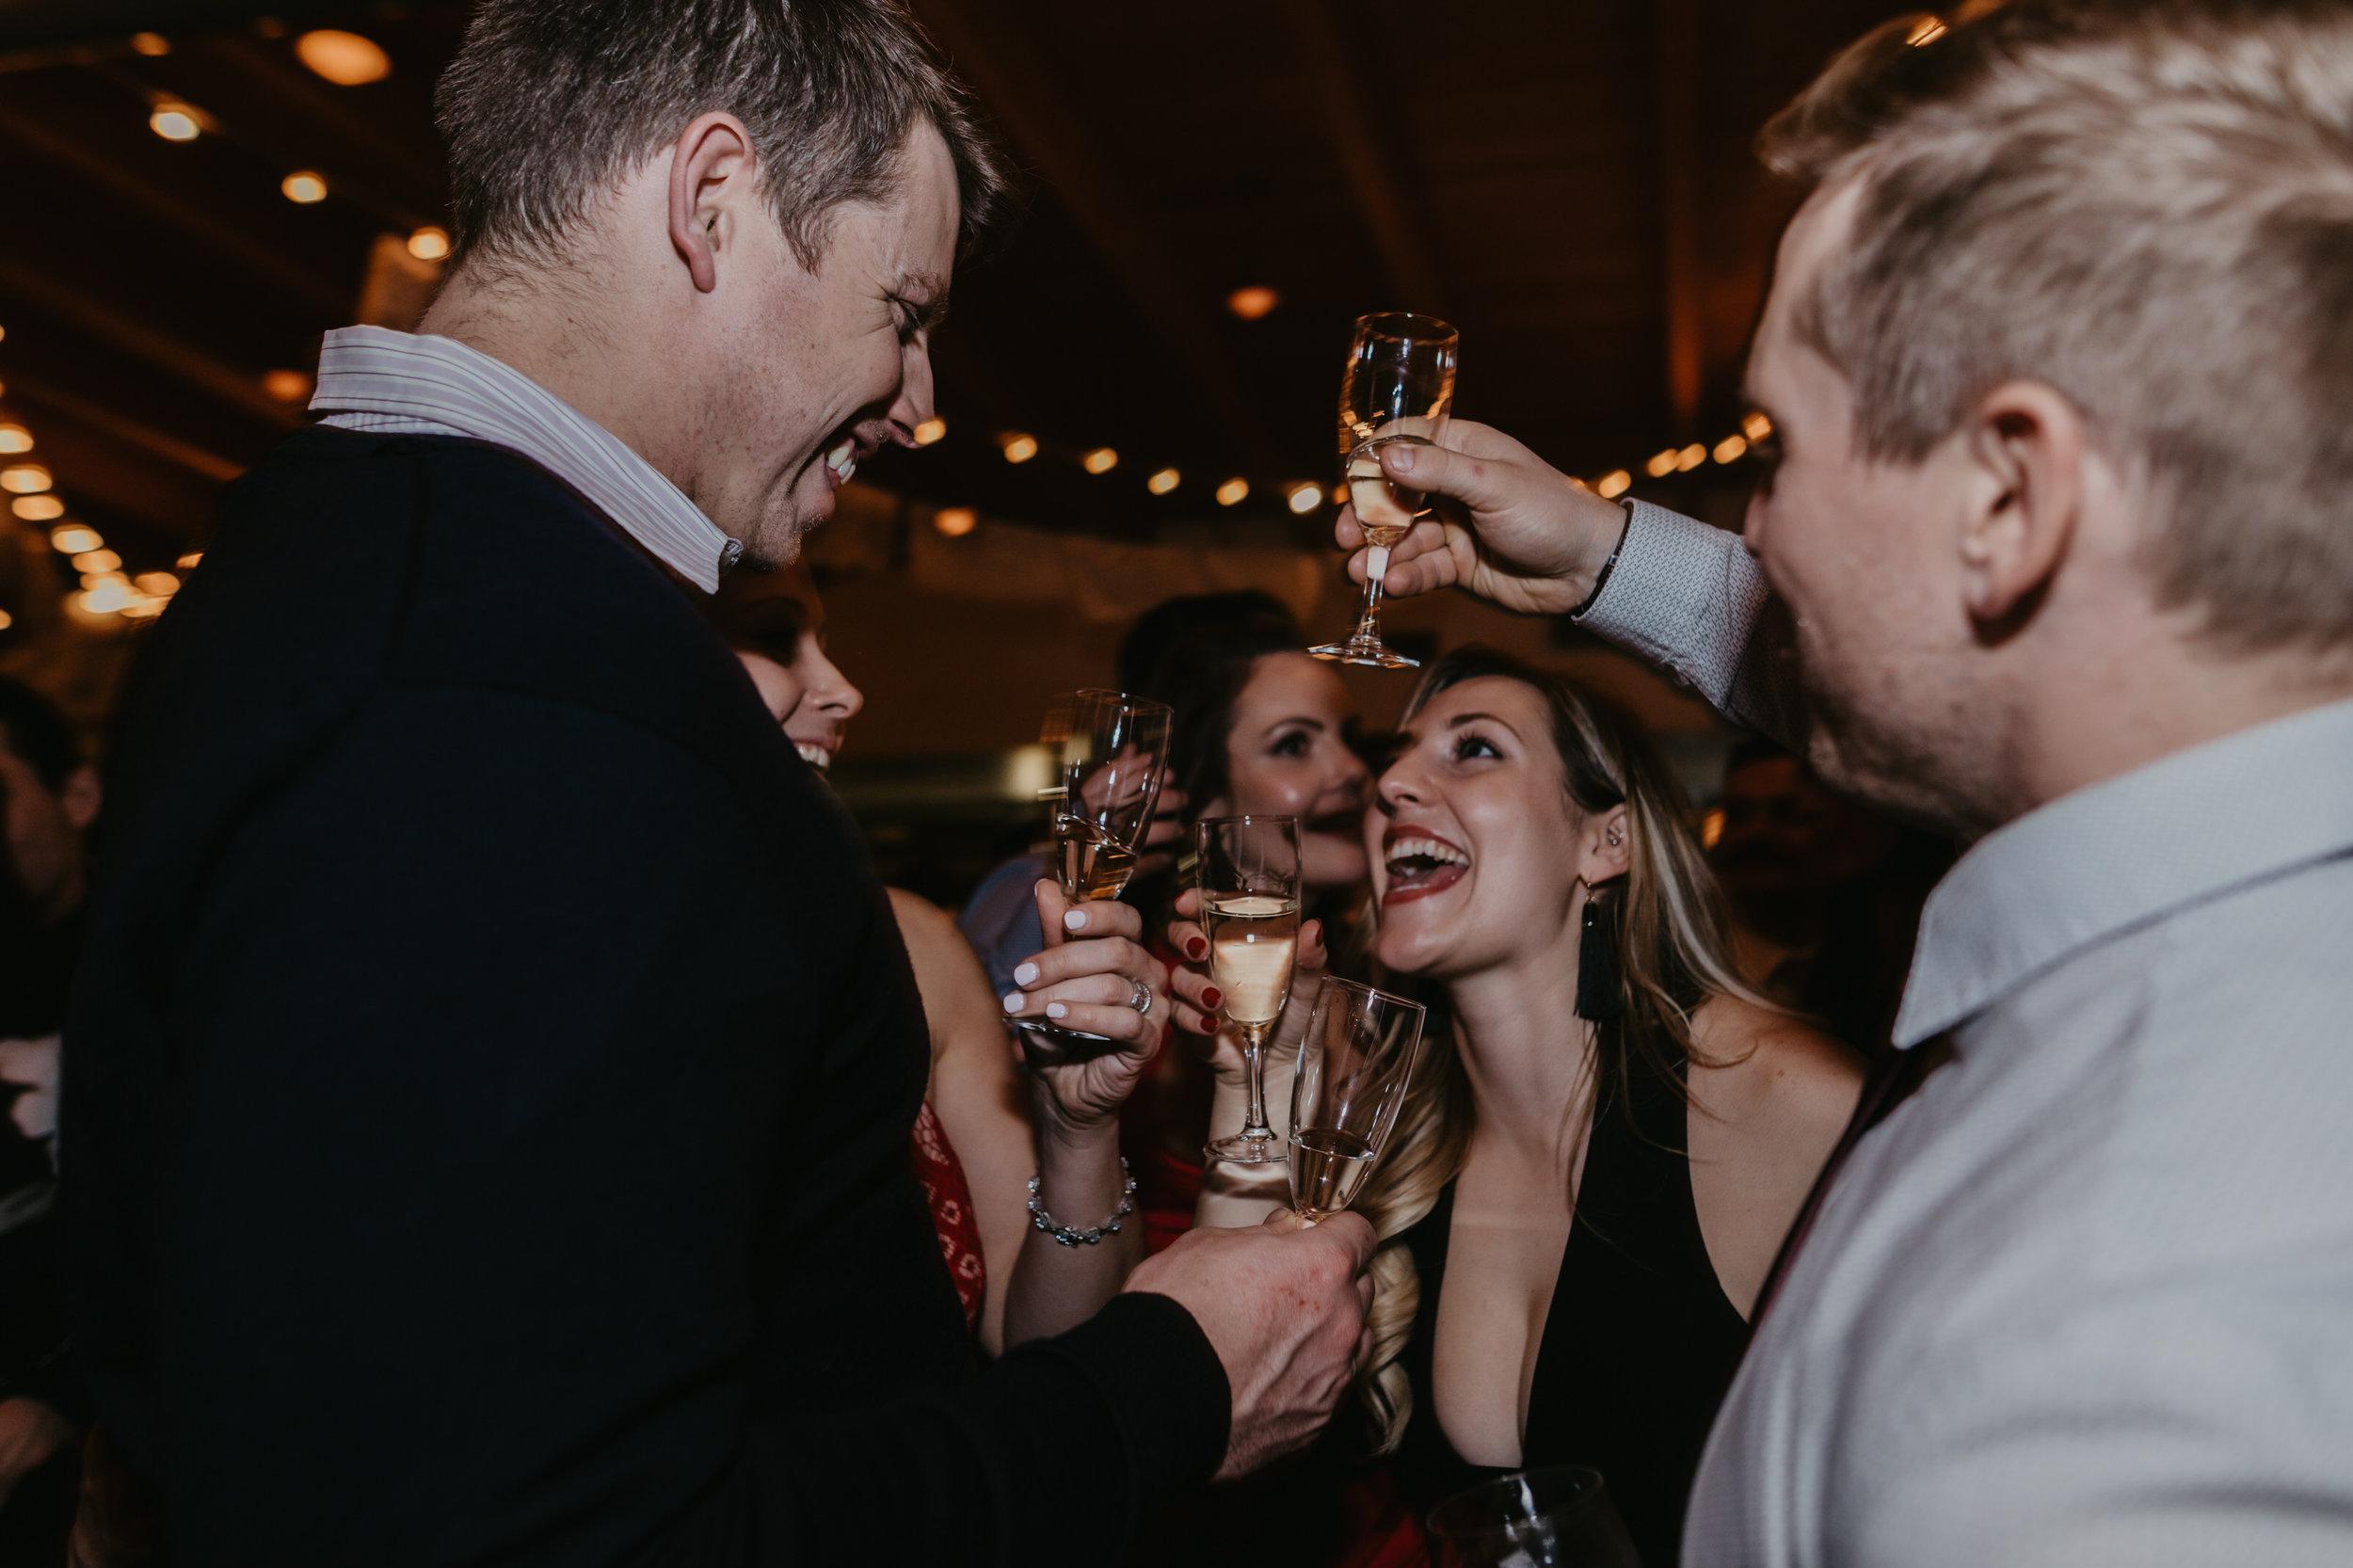 Vancouver New Years Eve Wedding - UBC Boathouse Wedding - Kitsilano Wedding Photos - Vancouver Wedding Photographer - Vancouver Wedding Videographer - 897.JPG